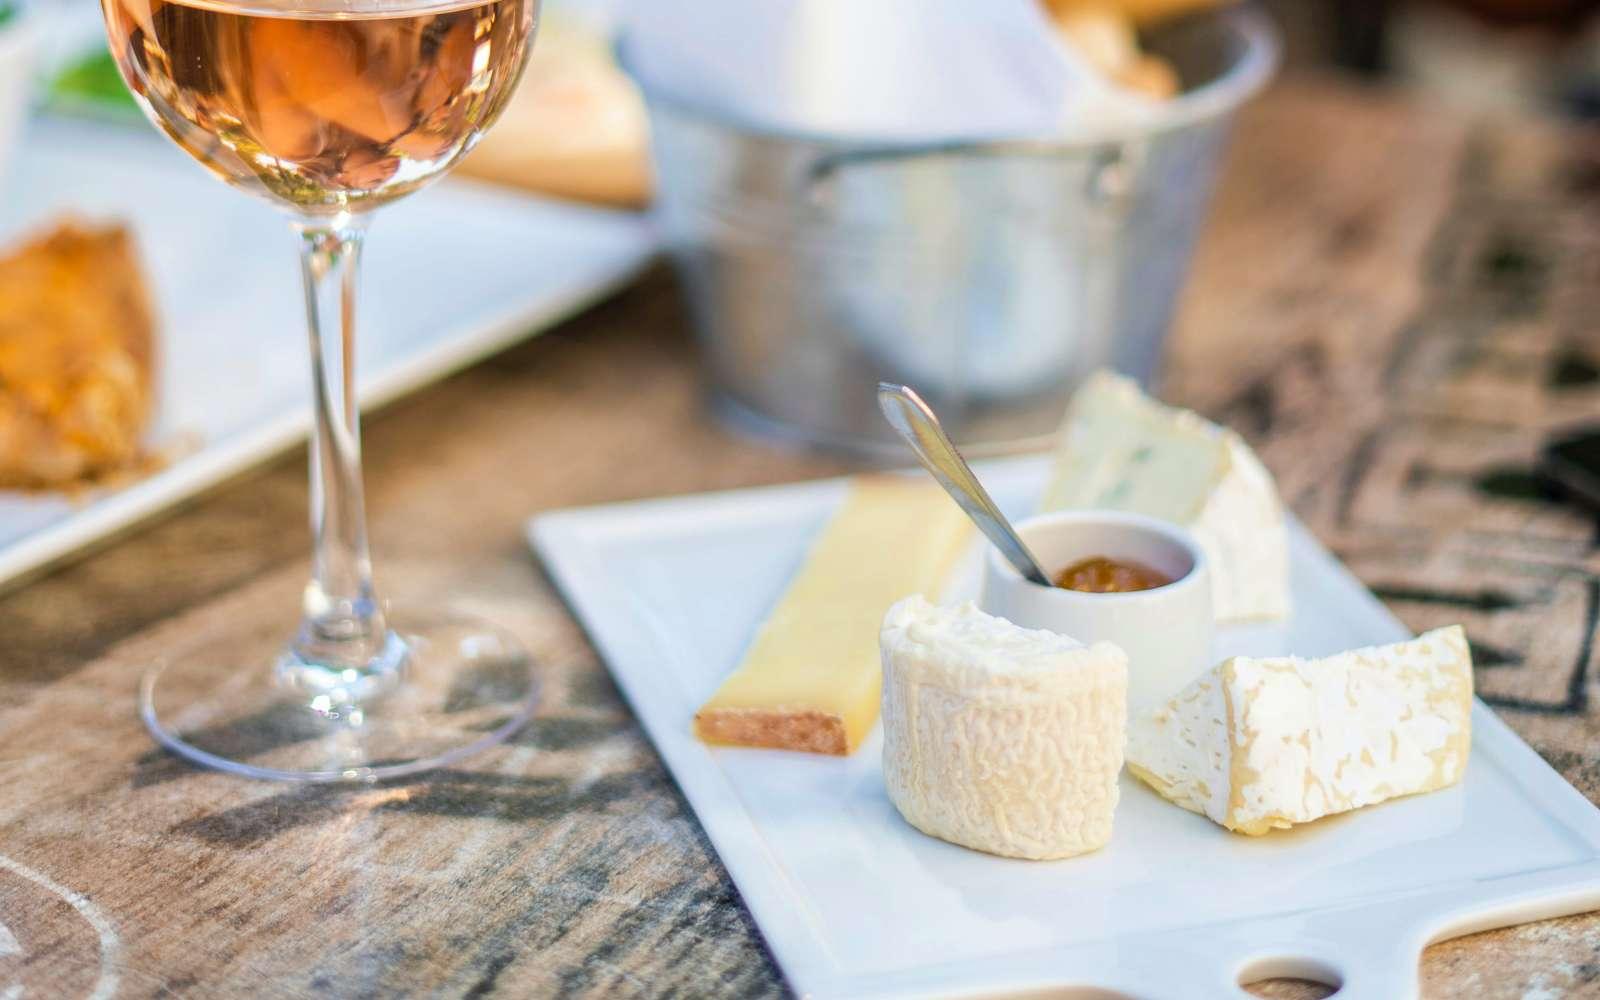 tavola con bicchiere di passito di pantelleria e tagliare con formaggi